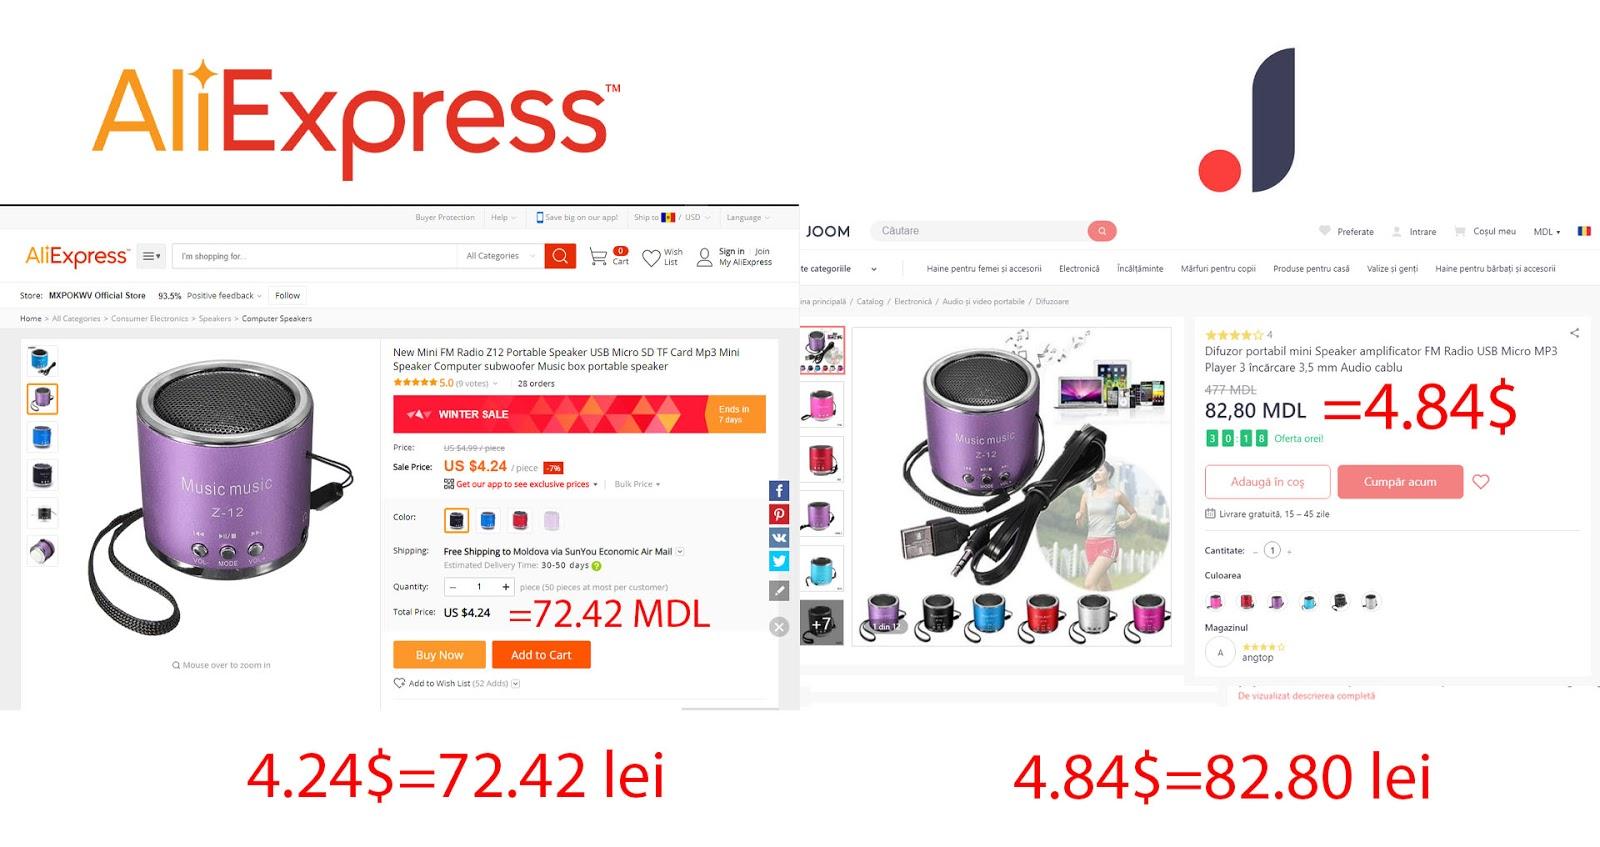 Difuzor de pe Aliexpress sau Joom. Ce magazin online îi mai bun Joom sau Aliexpress cu livrare în Moldova sau Romania.